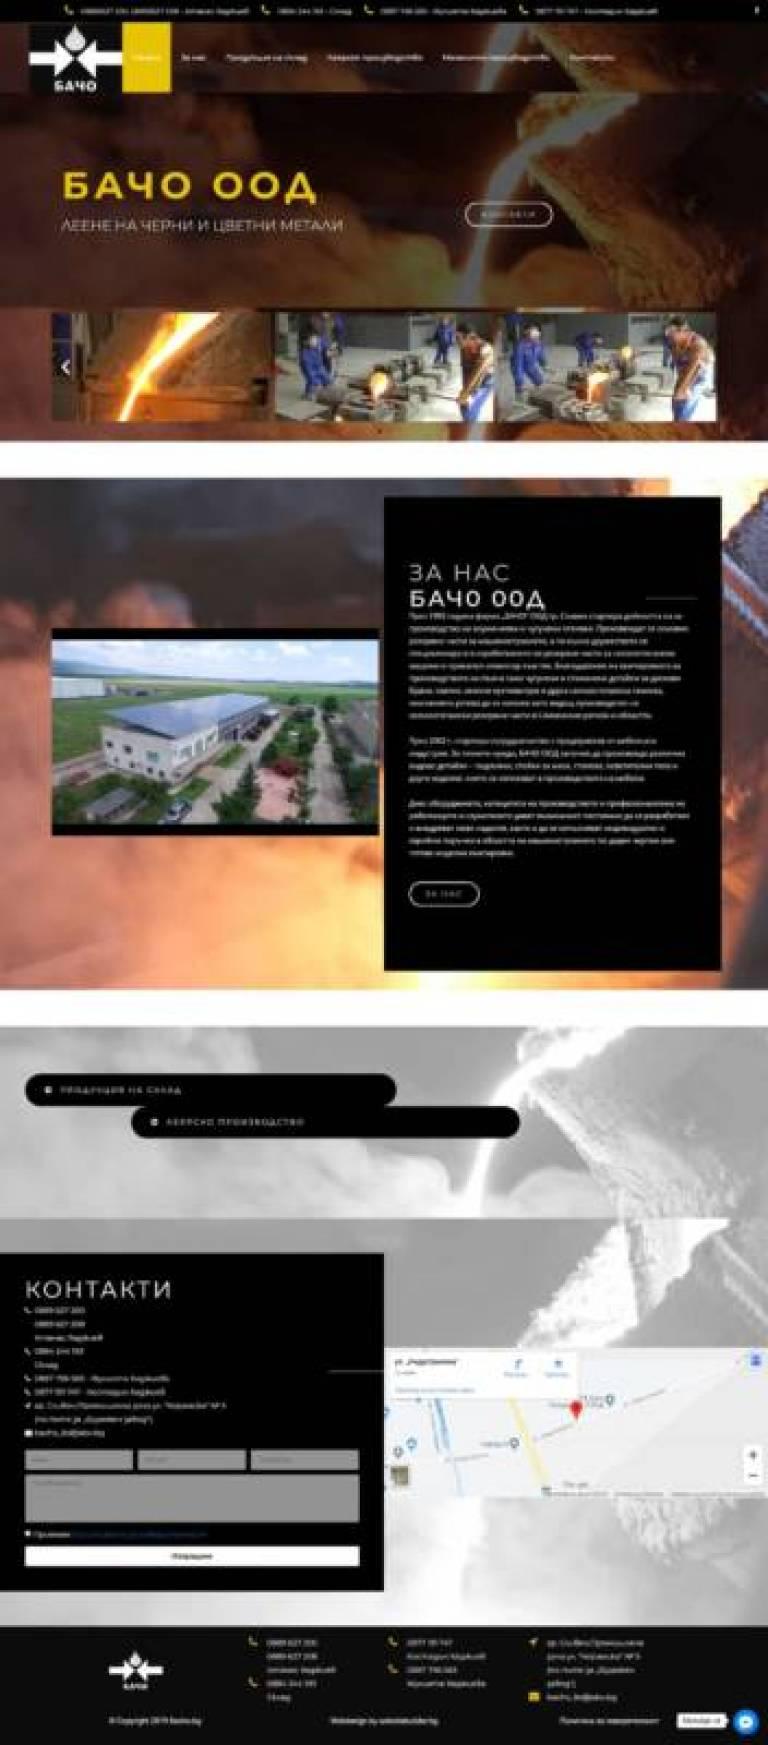 screencapture-bacho-bg-2019-06-19-15_08_01